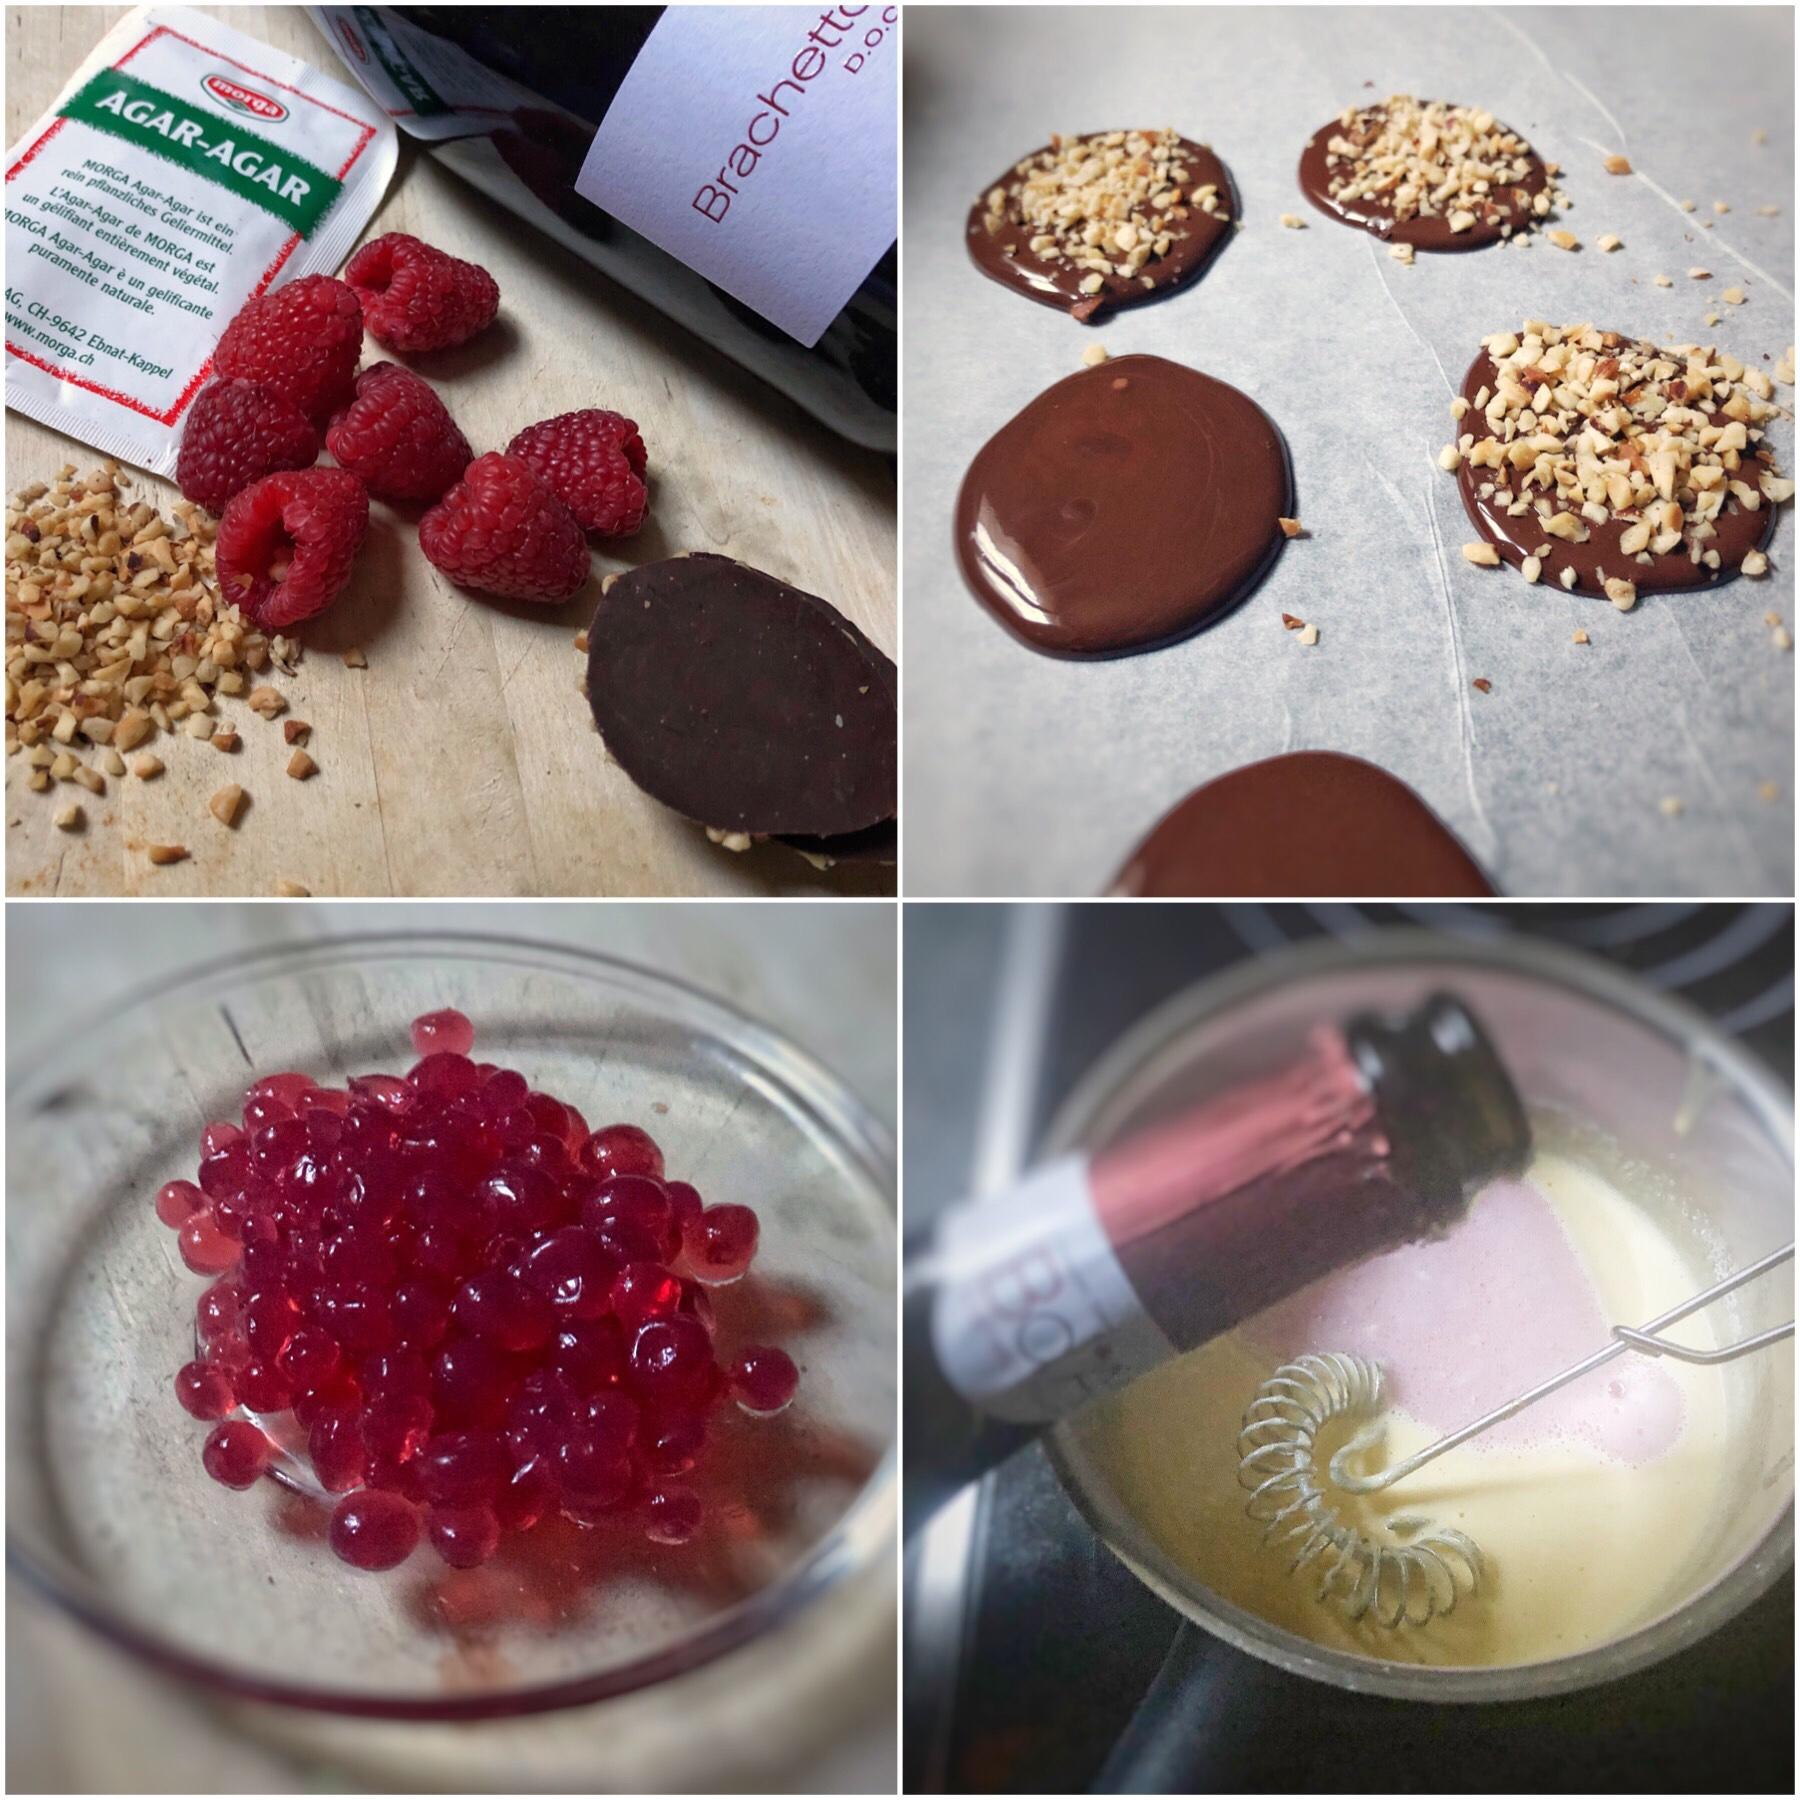 Zabaione al Brachetto d'Acqui DOCG con cioccolato lamponi e caviale